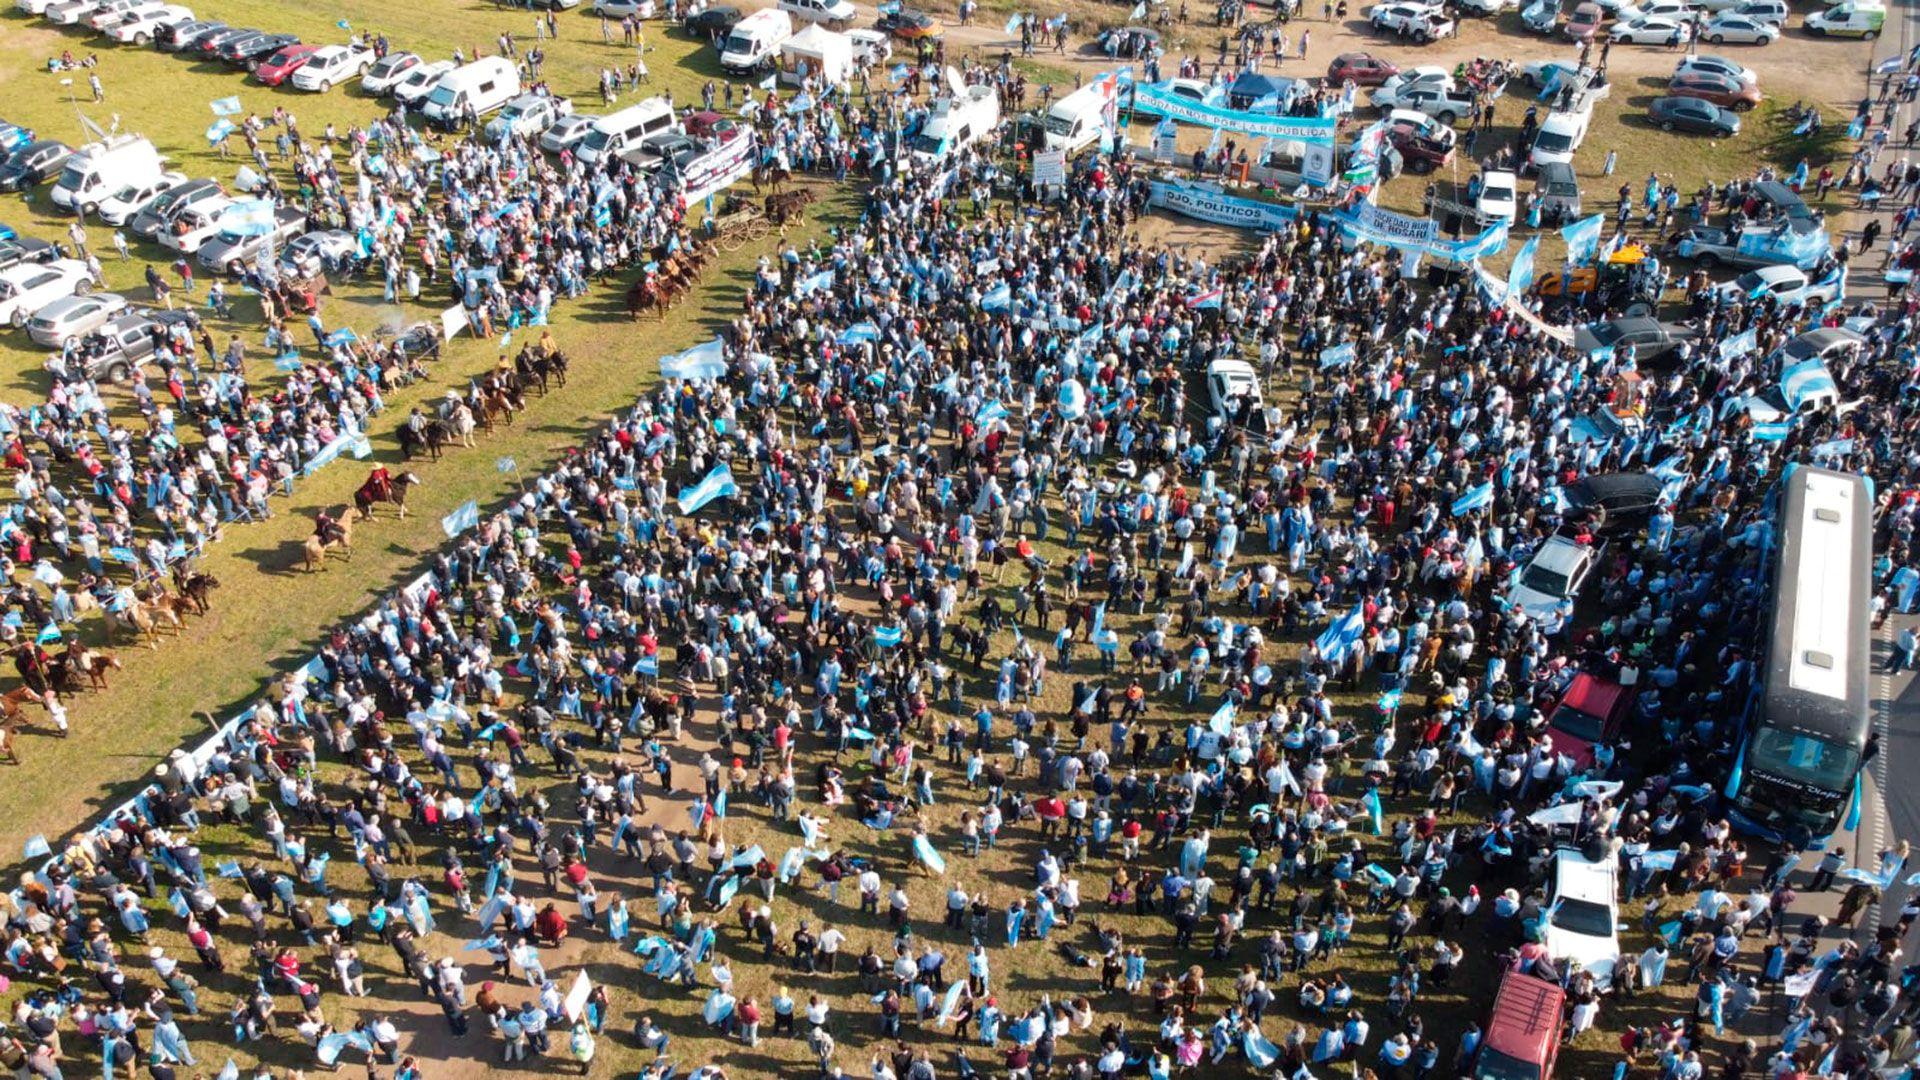 Drone - Marcha - Protesta - san nicolas - 9 de julio - campo